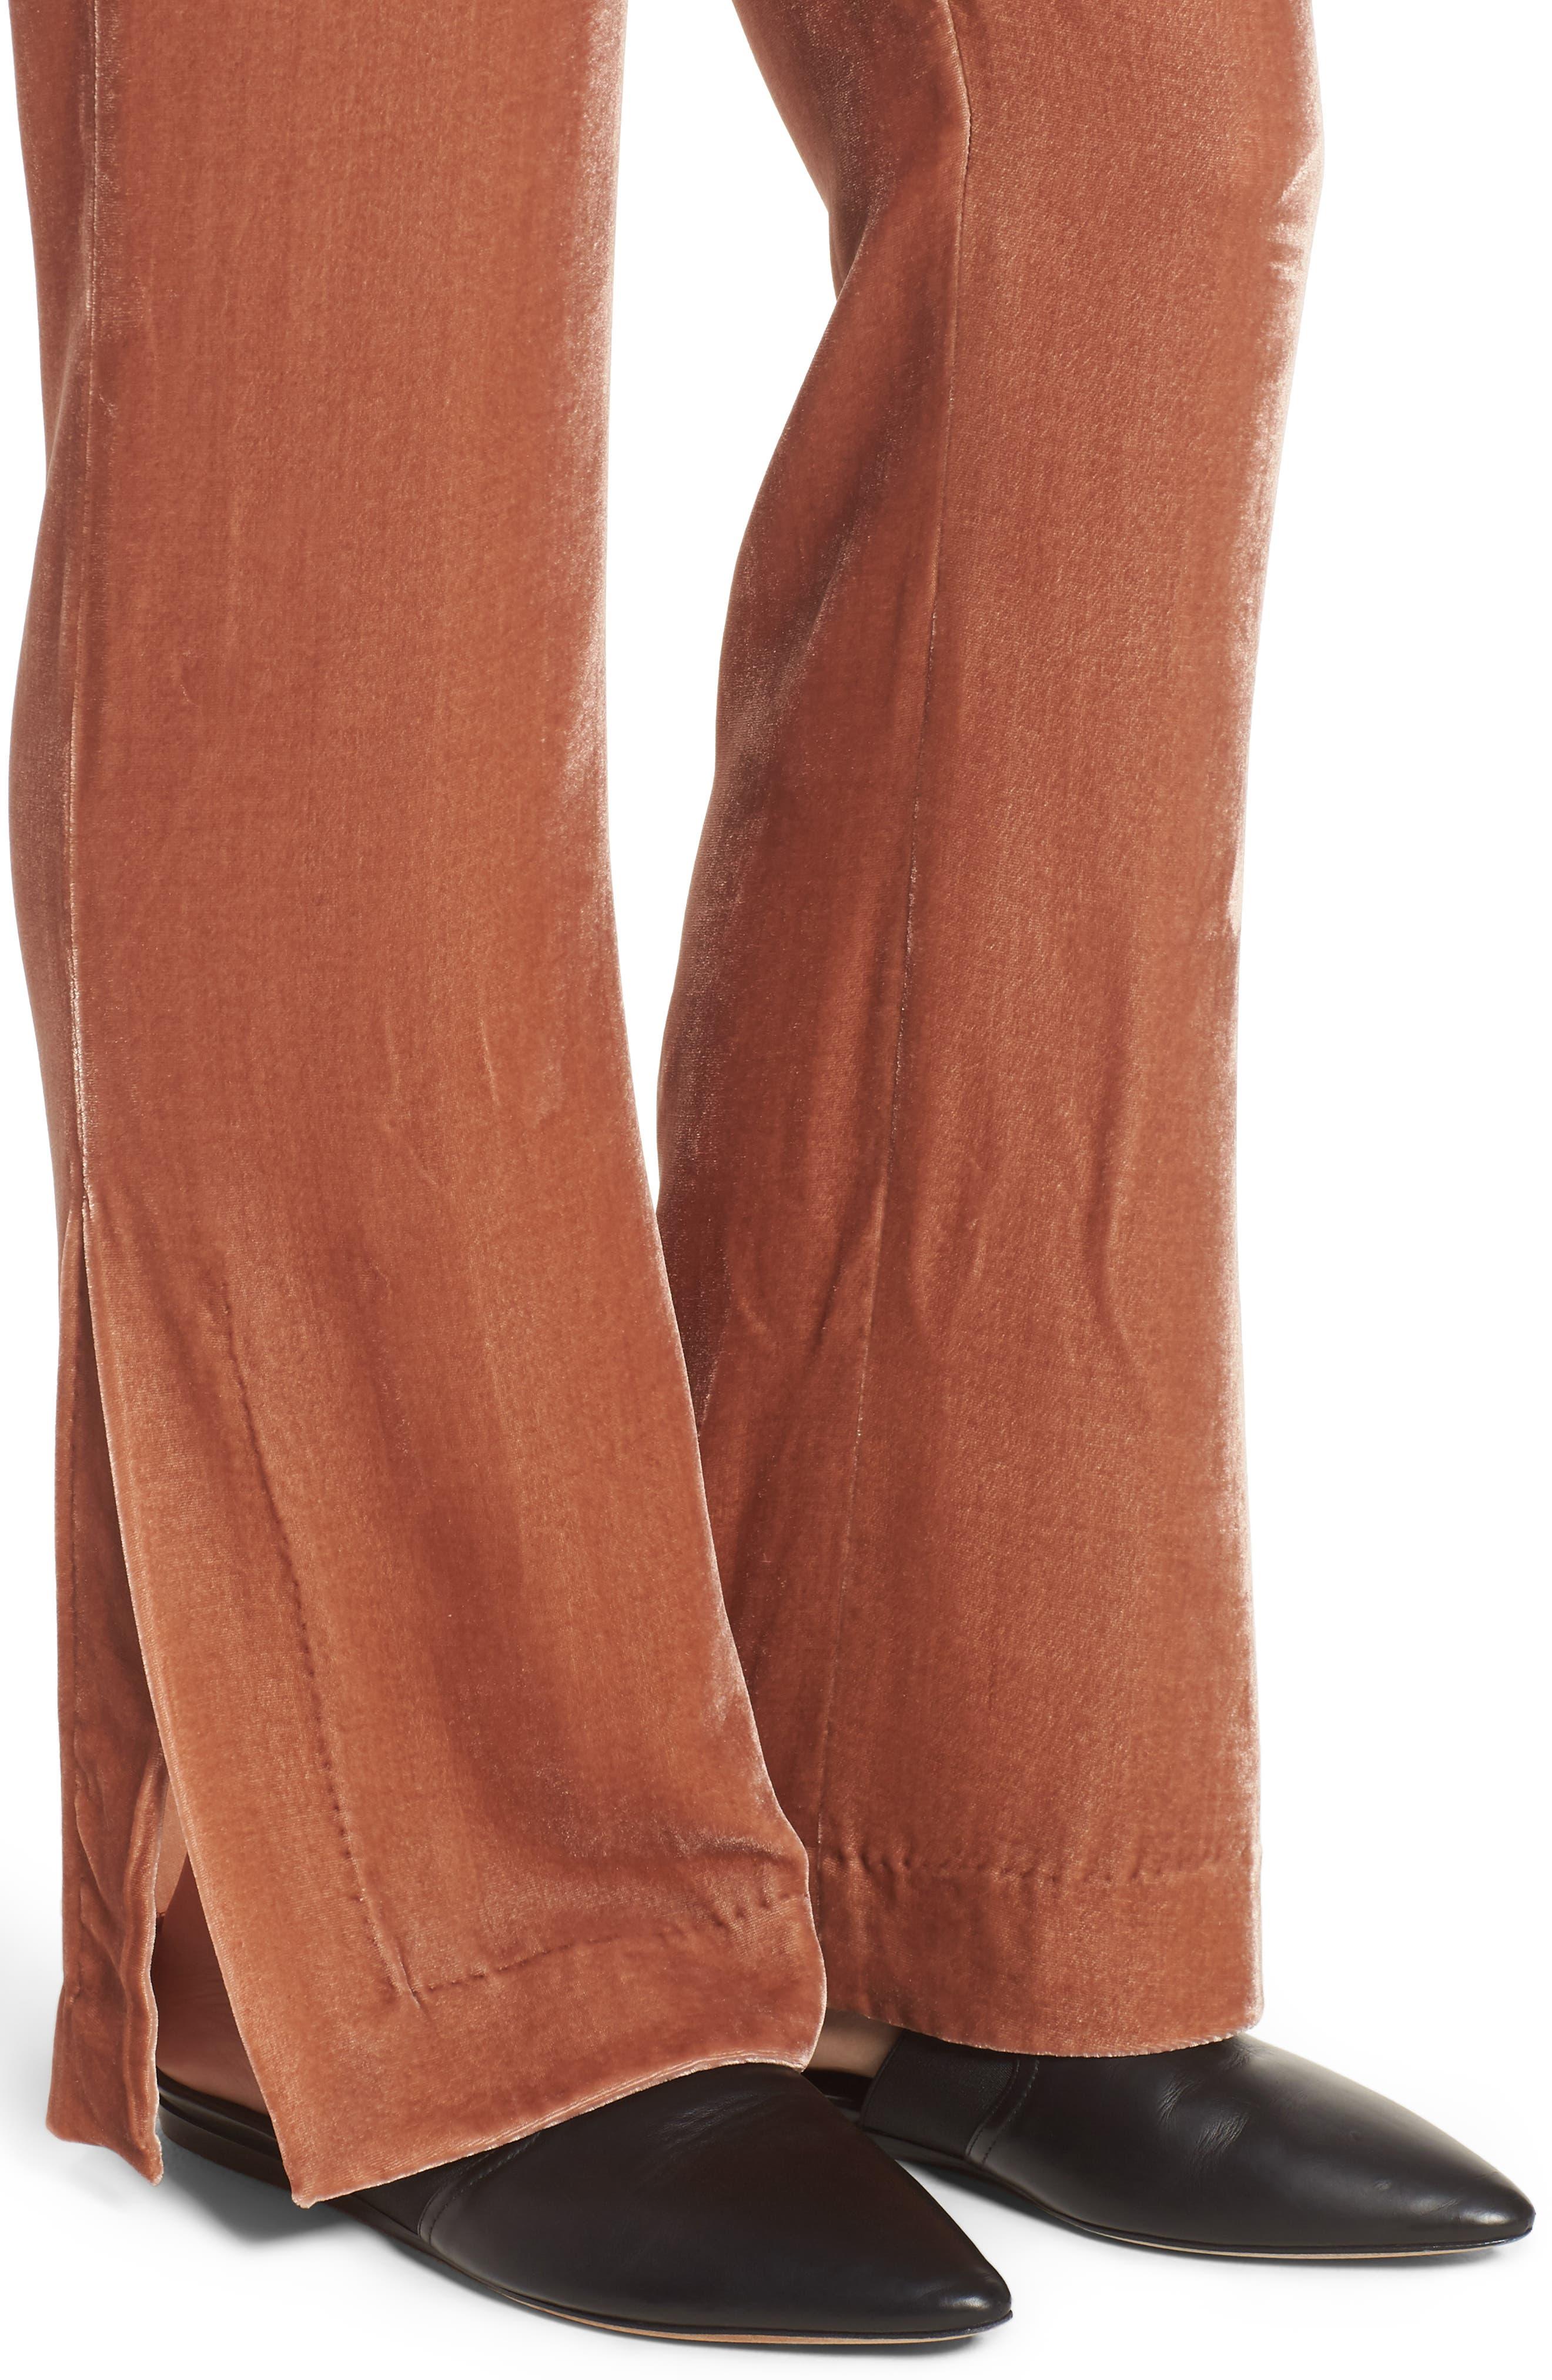 Bushwick Velvet Pants,                             Alternate thumbnail 4, color,                             Brown